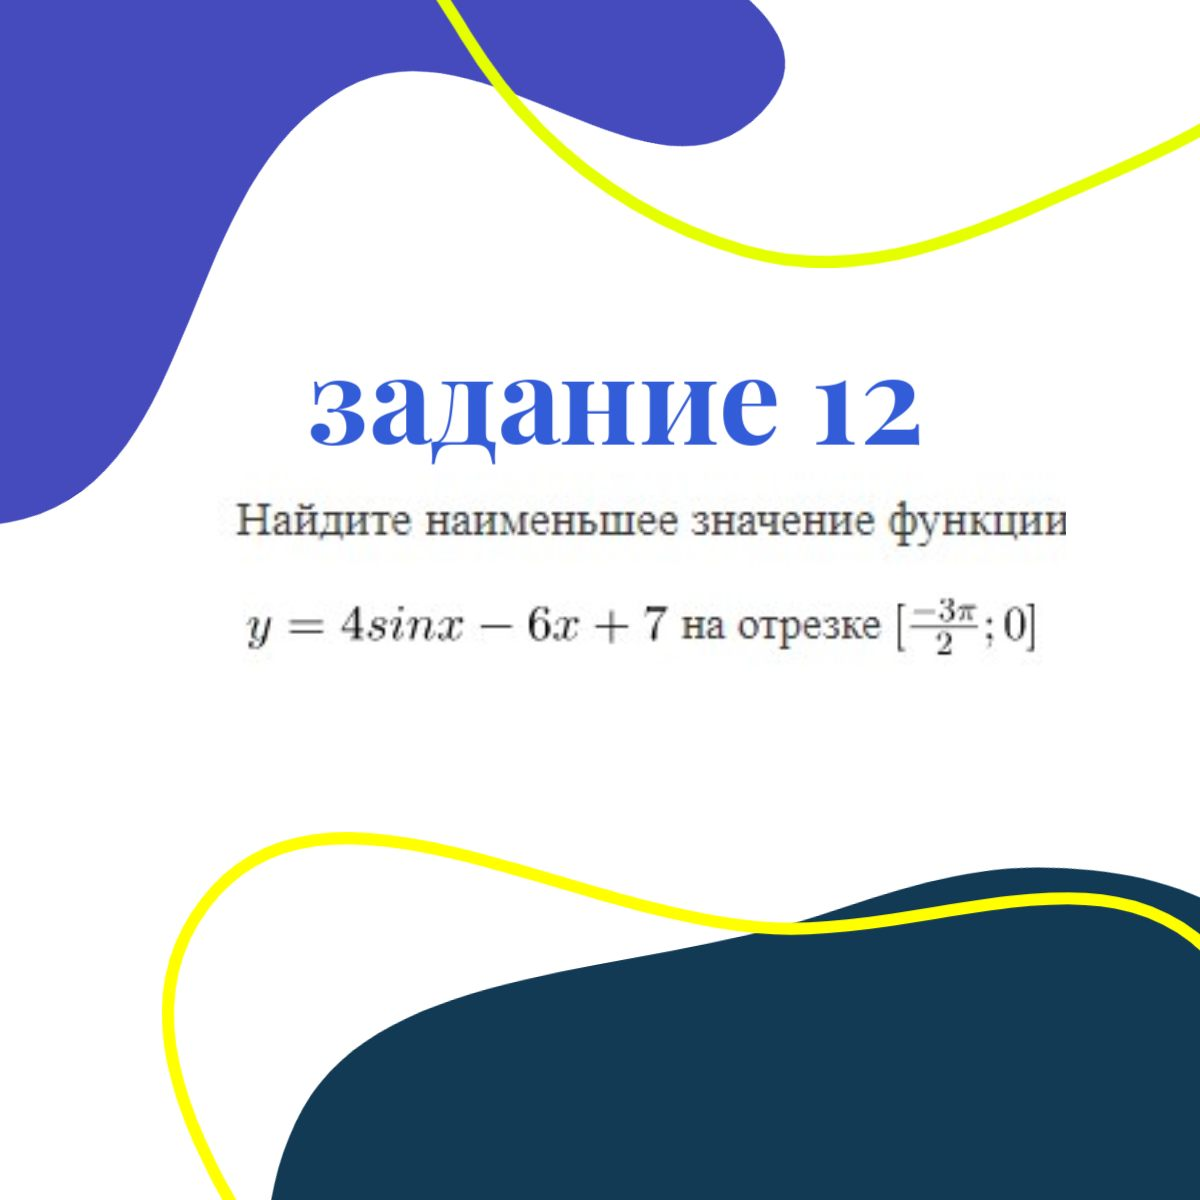 найдите наименьшее значение функции y=4sinx-6x+7 на отрезке